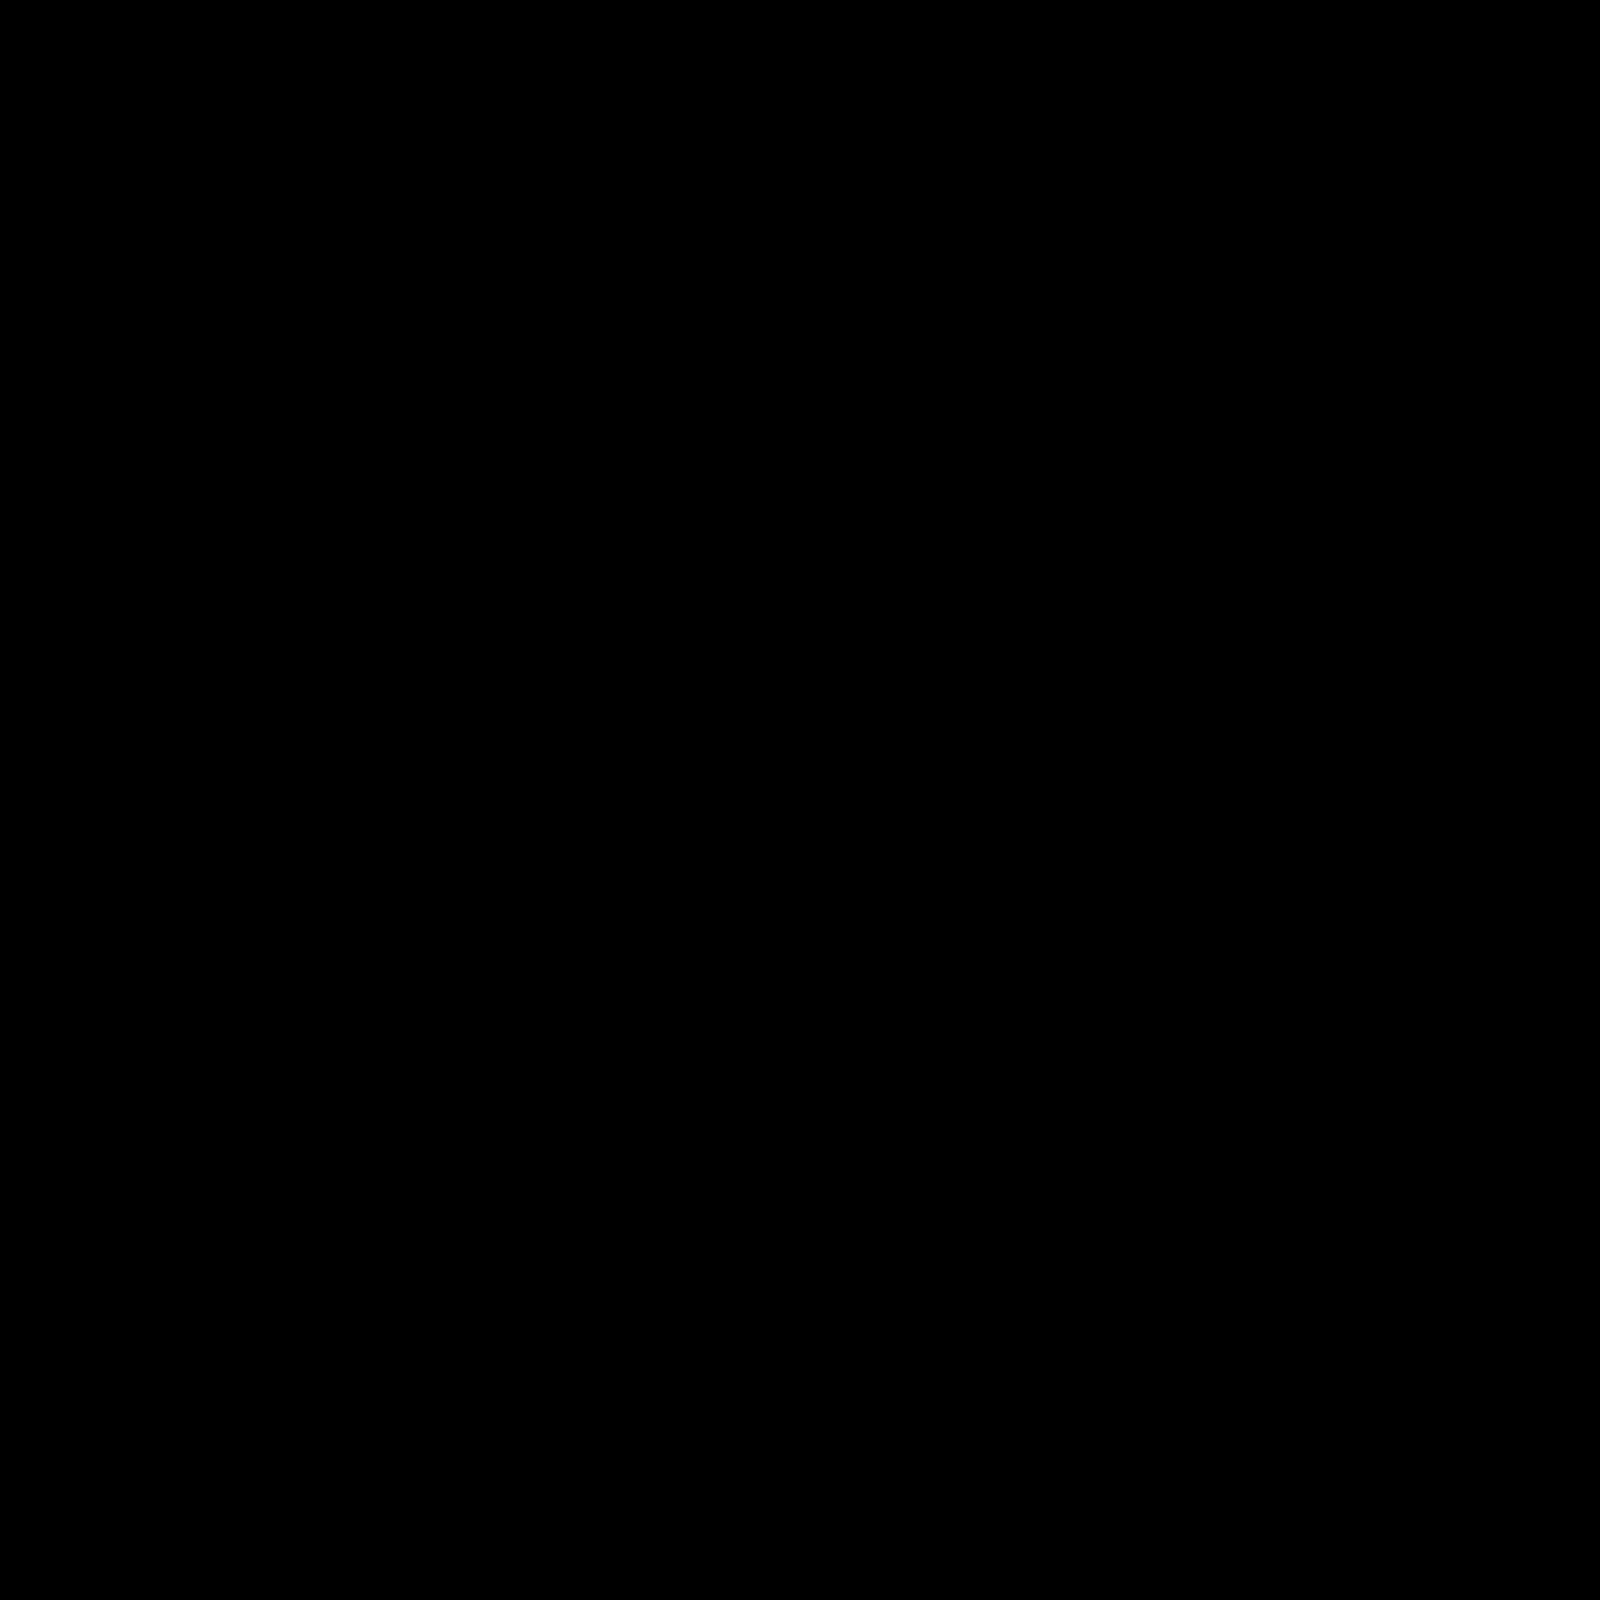 круассан PNG